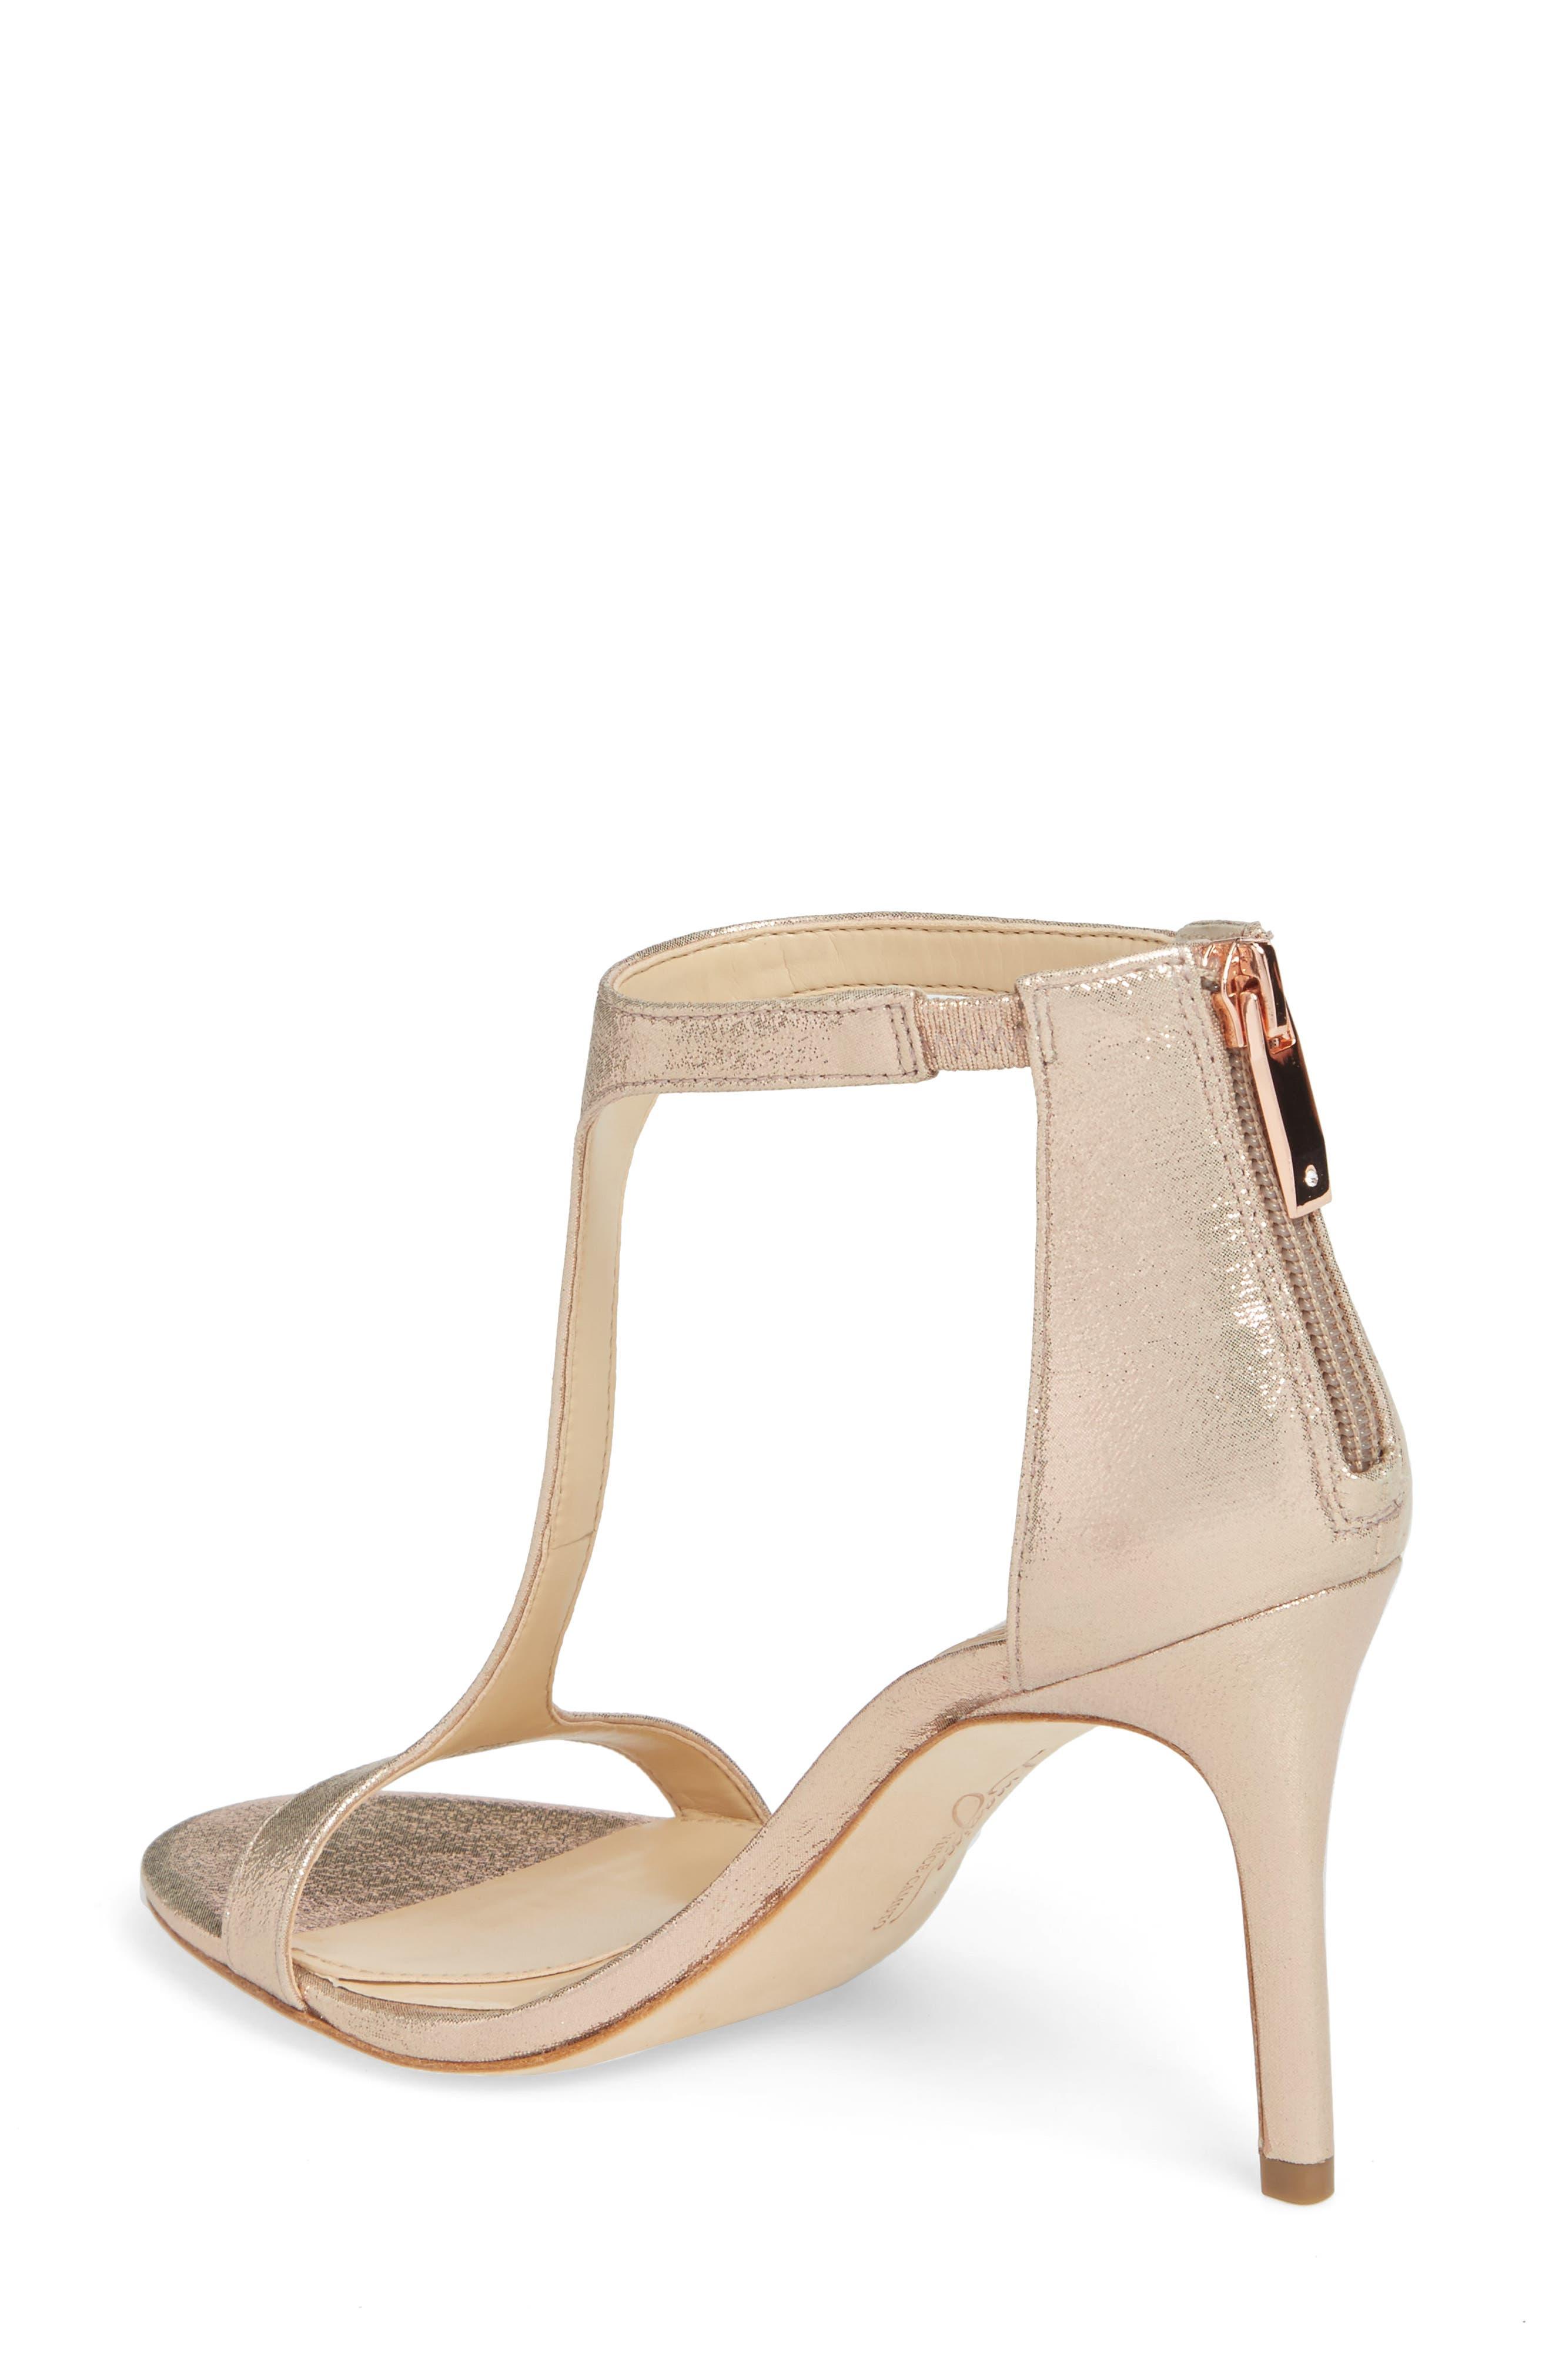 Alternate Image 2  - Imagine by Vince Camuto 'Phoebe' Embellished T-Strap Sandal (Women)